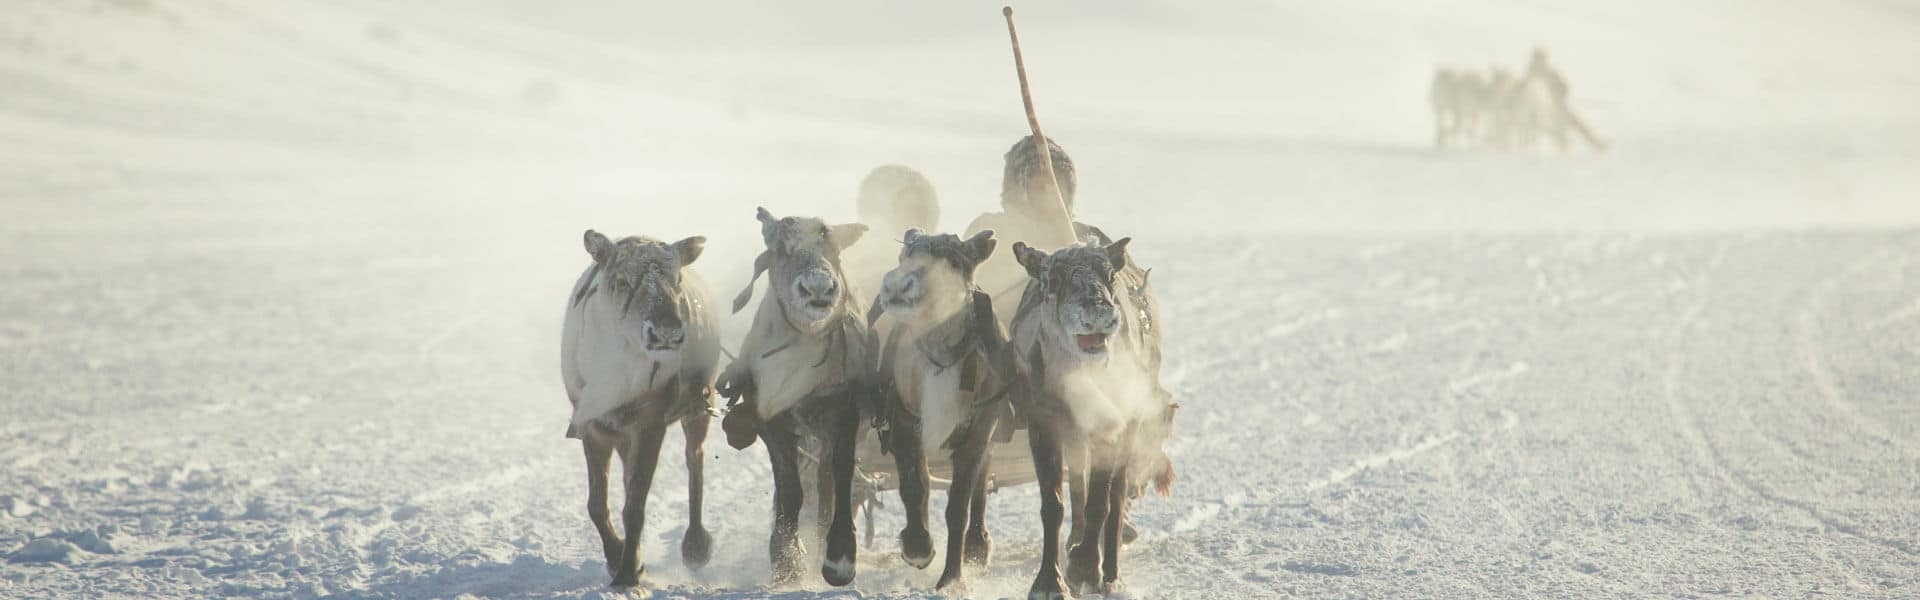 Incentive Expedition nach Lappland für Firmen mit Iglu Bau, Hundeschlitten Safari, Eis Hotel und Weihnachtsdorf